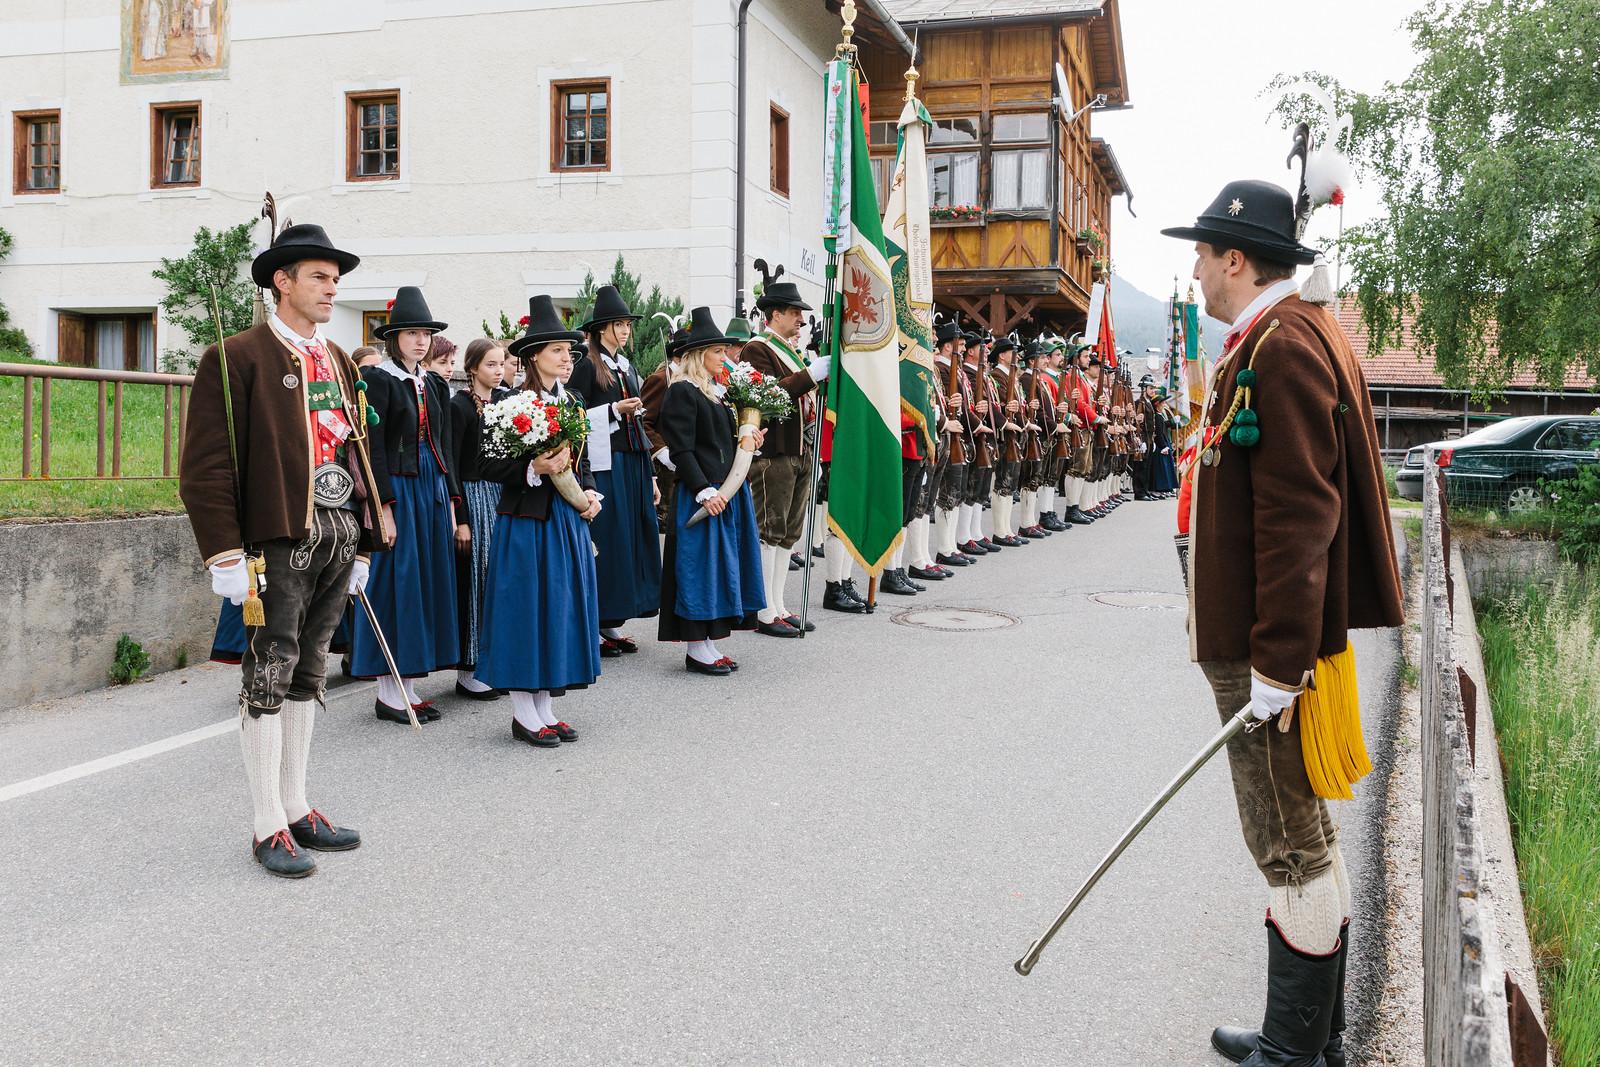 60-Jahrfeier der Schützenkompanie Taisten, 10.06.2019